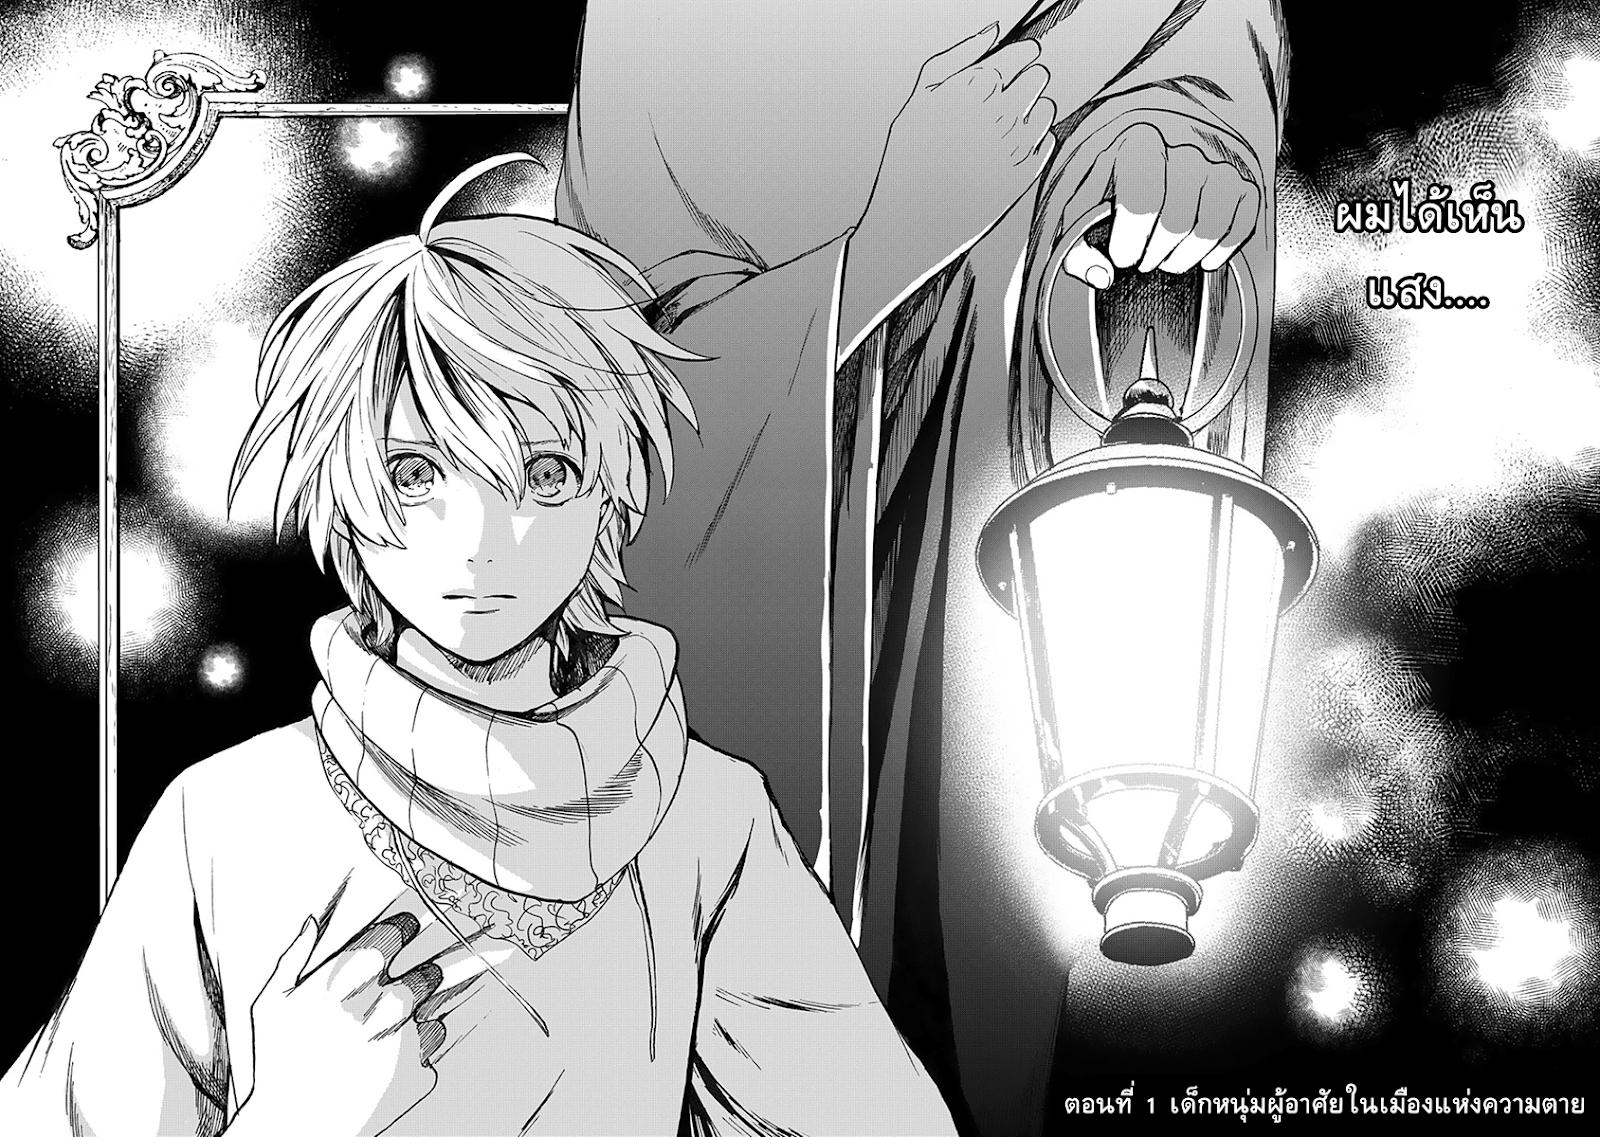 อ่านการ์ตูน Saihate no Paladin ตอนที่ 1 หน้าที่ 4